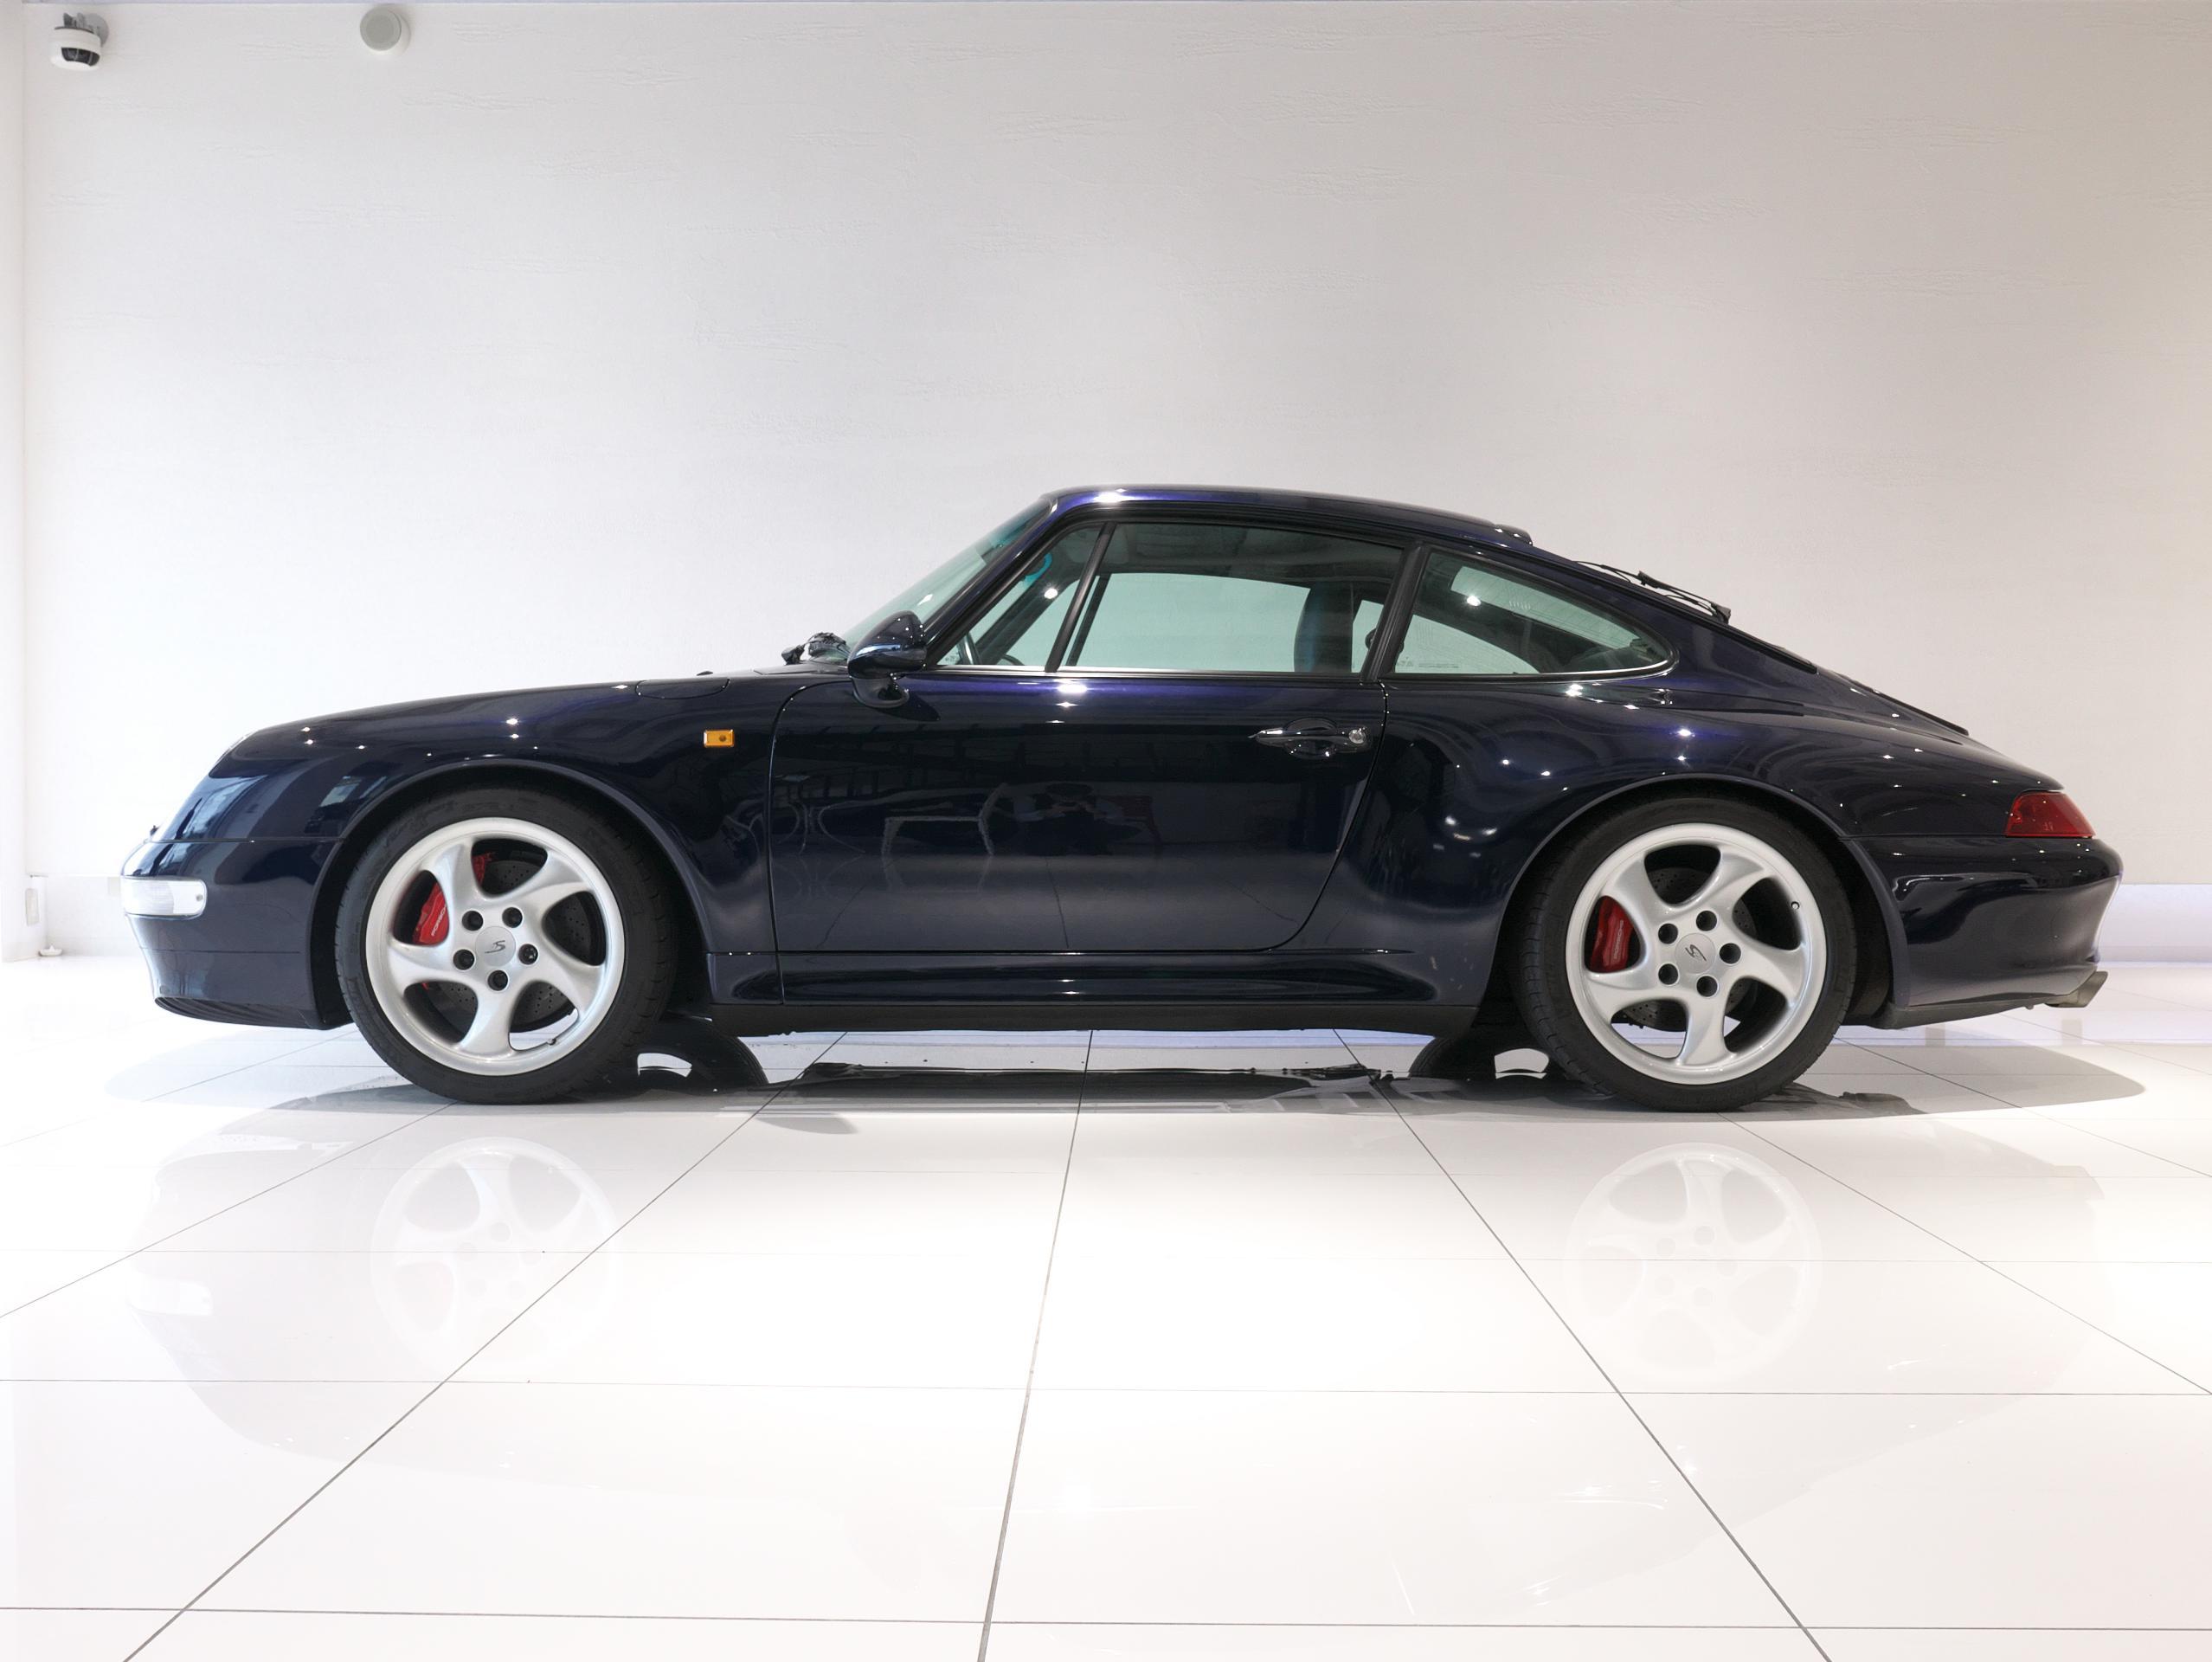 ポルシェ 911 カレラ4S 993 左サイドビュー